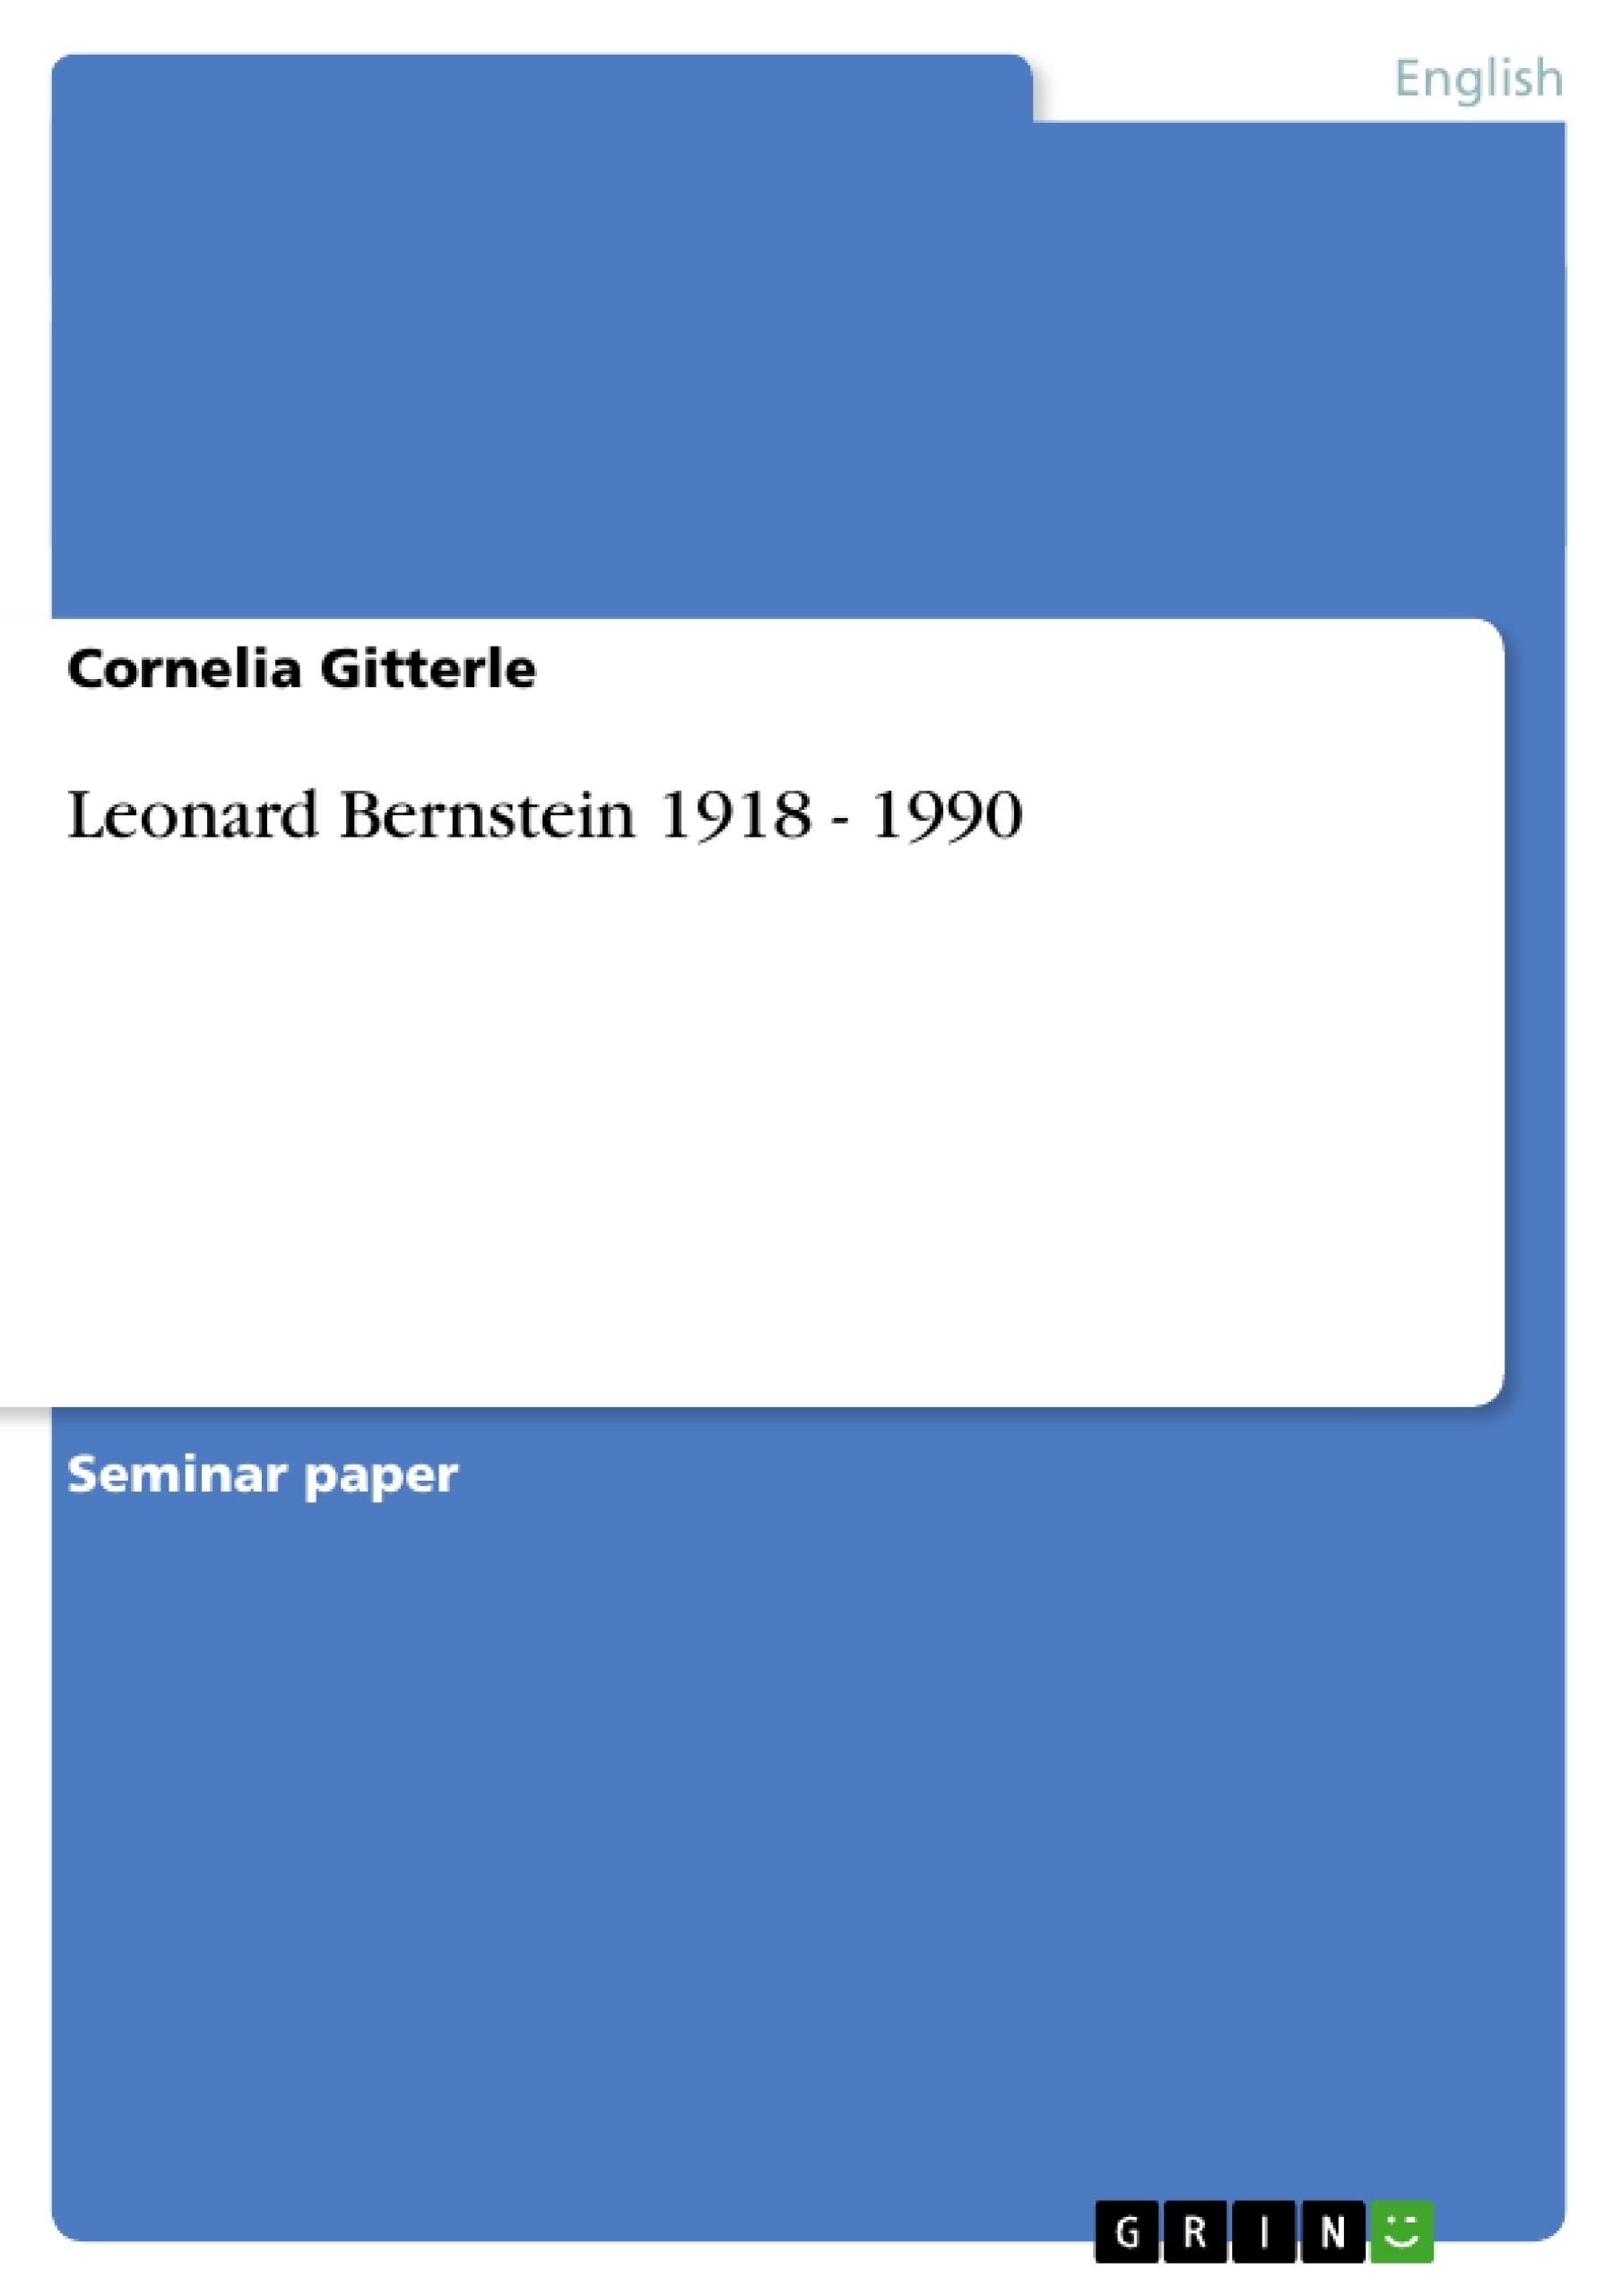 Title: Leonard Bernstein 1918 - 1990